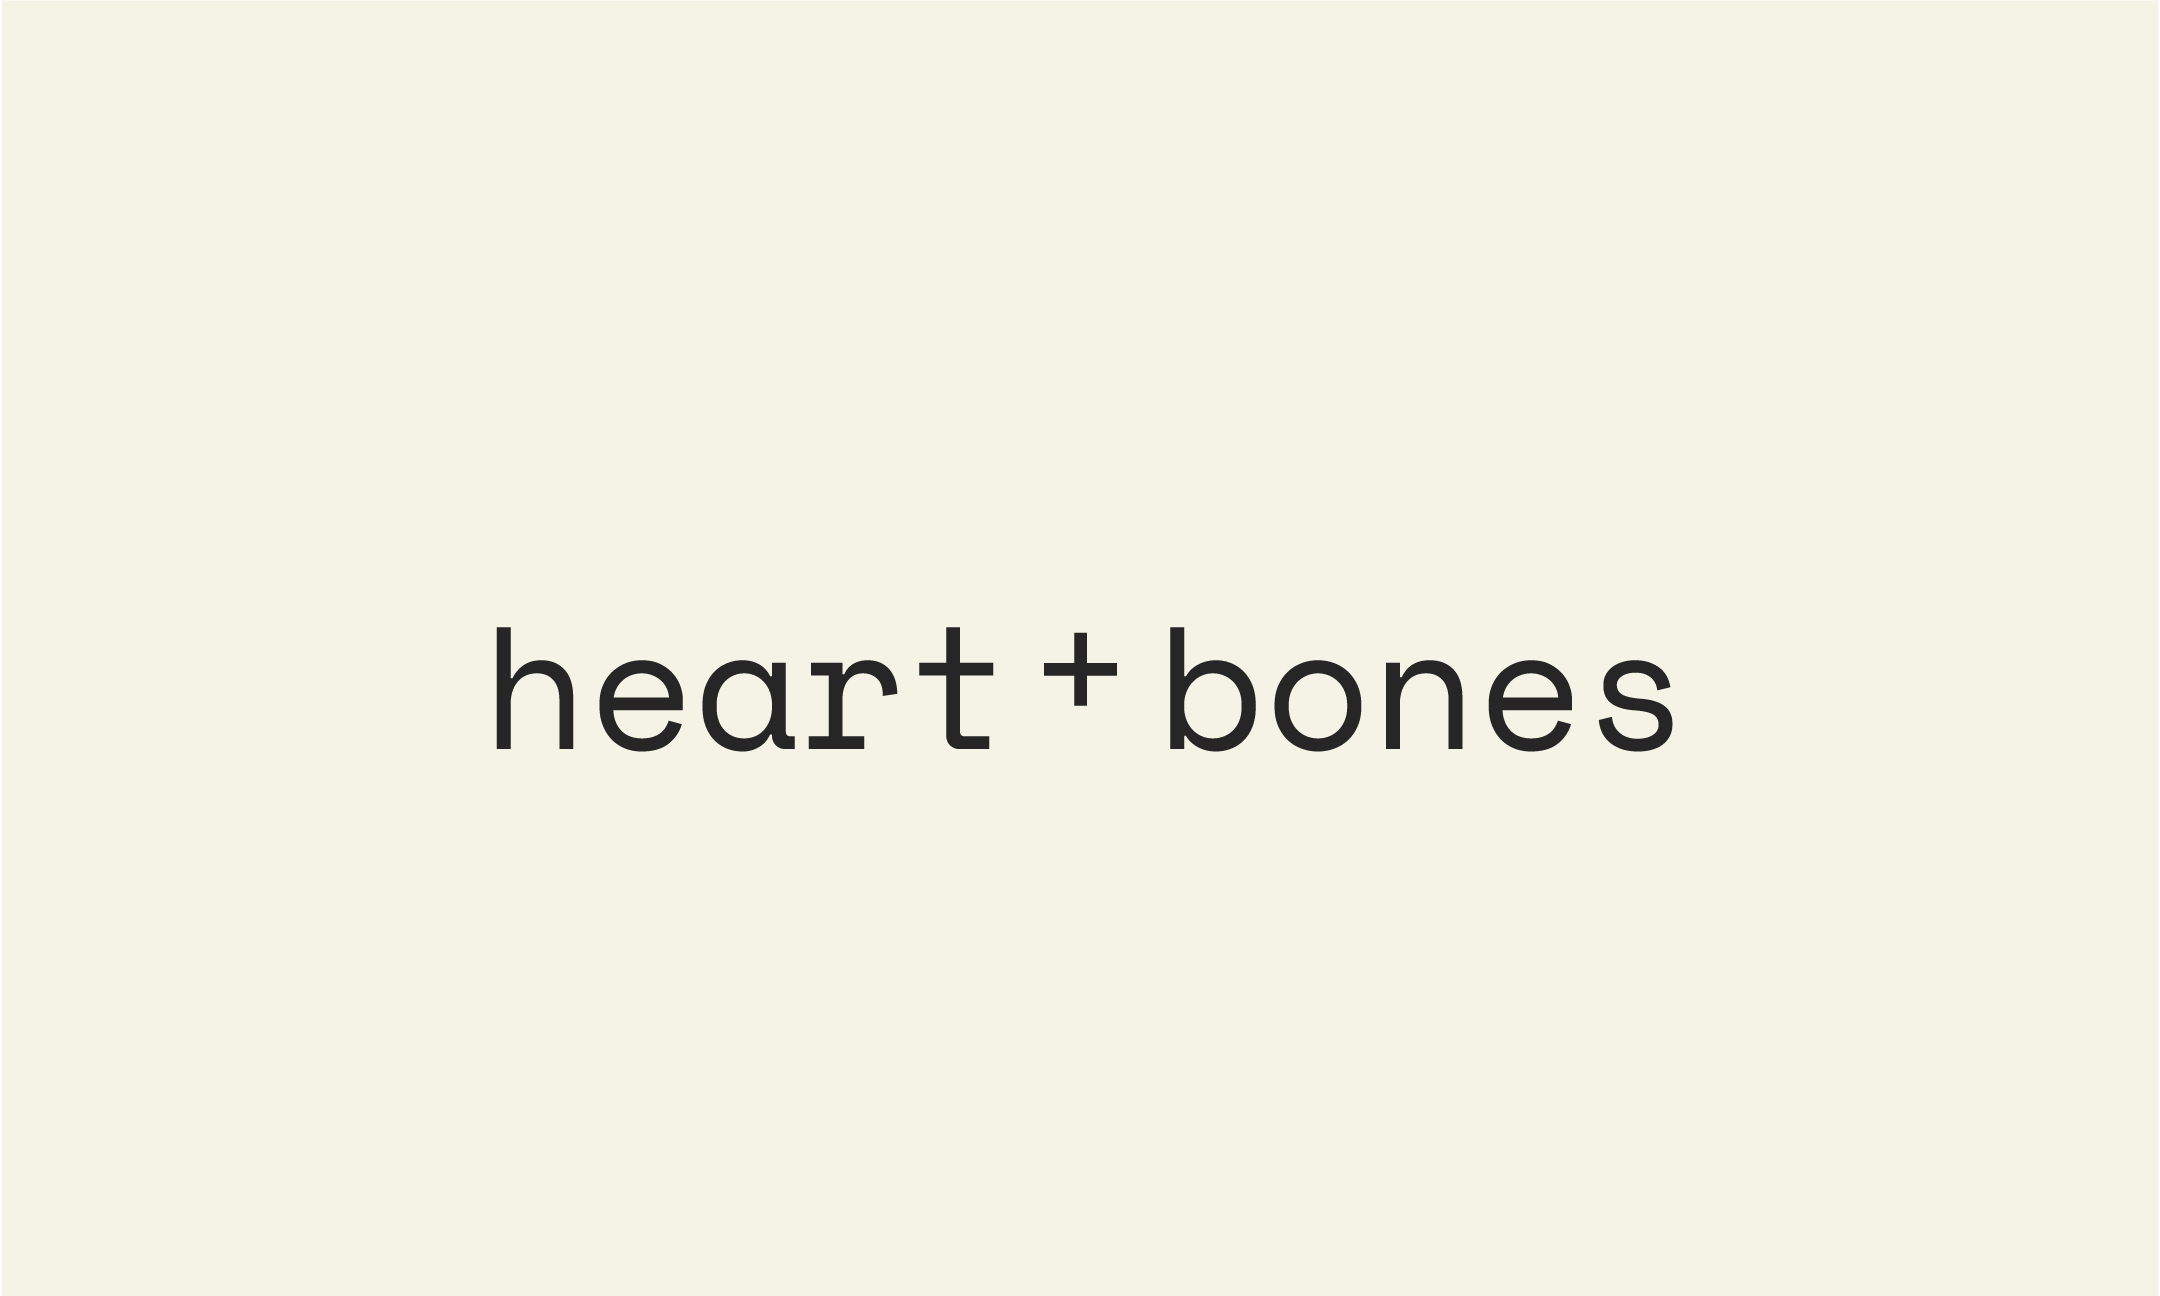 HEART+BONES PRIMARY WORDMARK